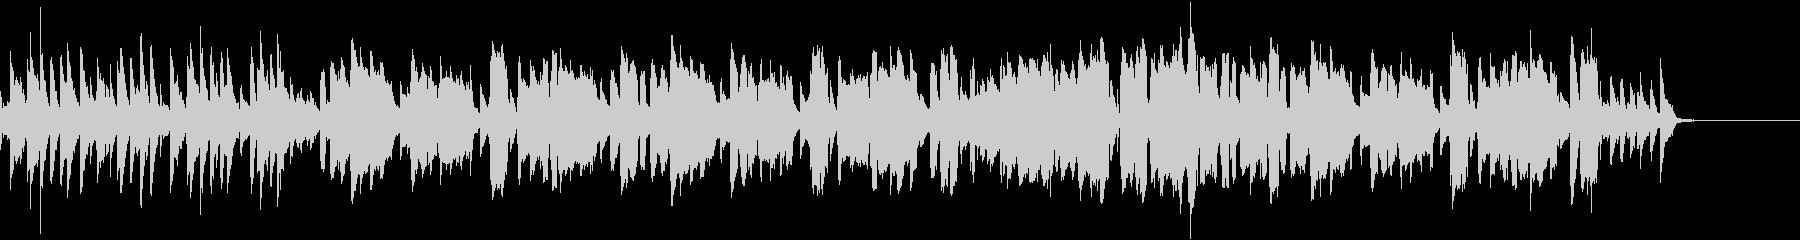 フィードルが奏でるカントリーミュージックの未再生の波形